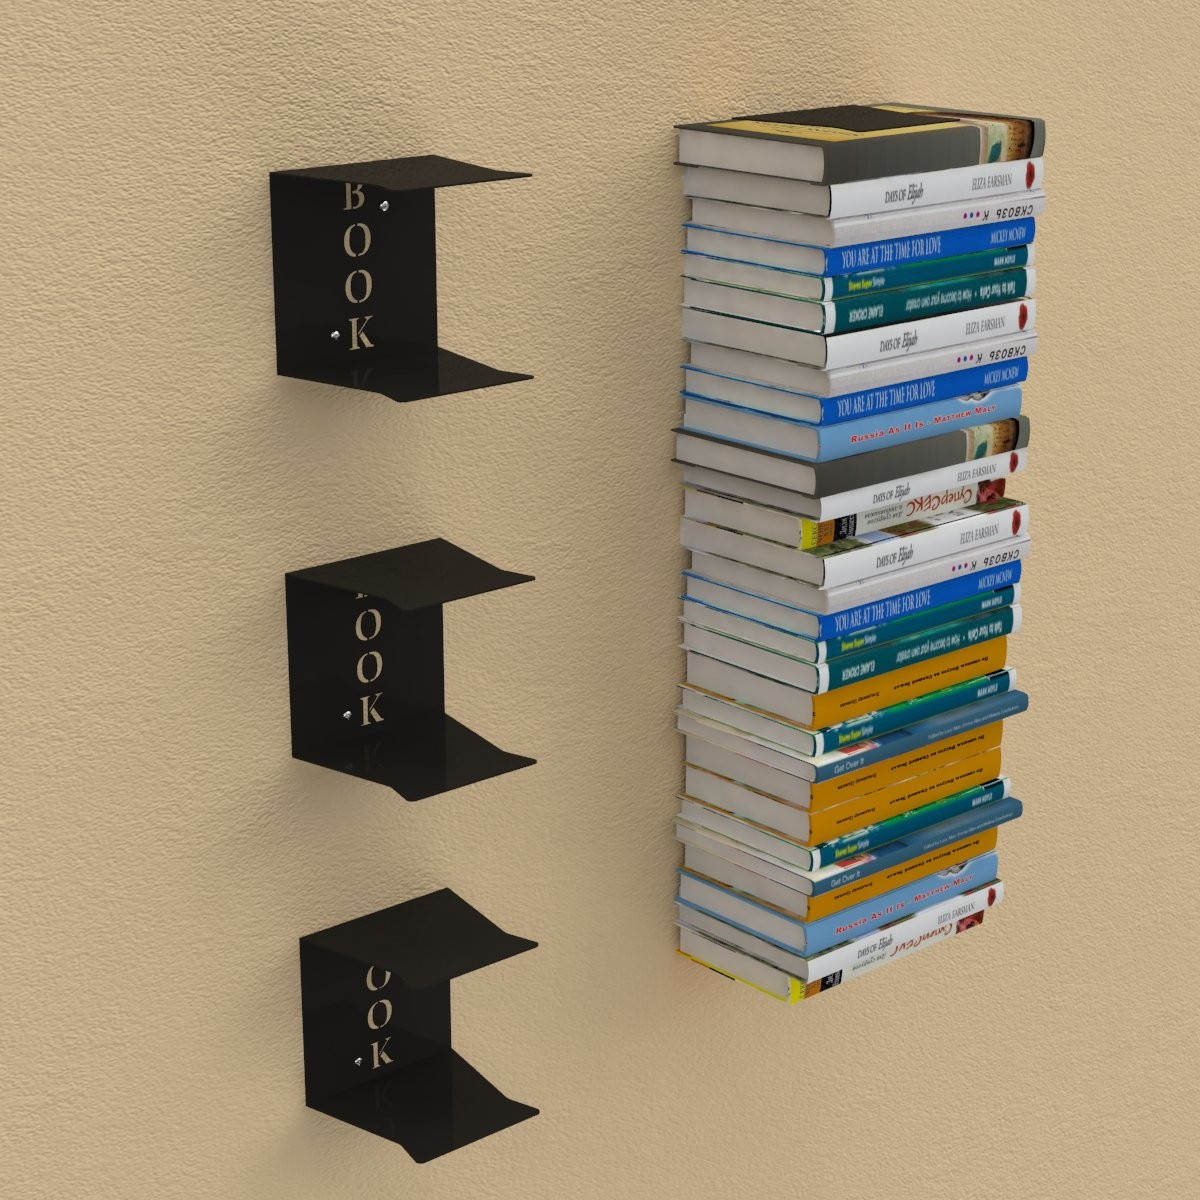 Wandregal bücher unsichtbar  Wandregal für Bücher - Versteckte Wandregale